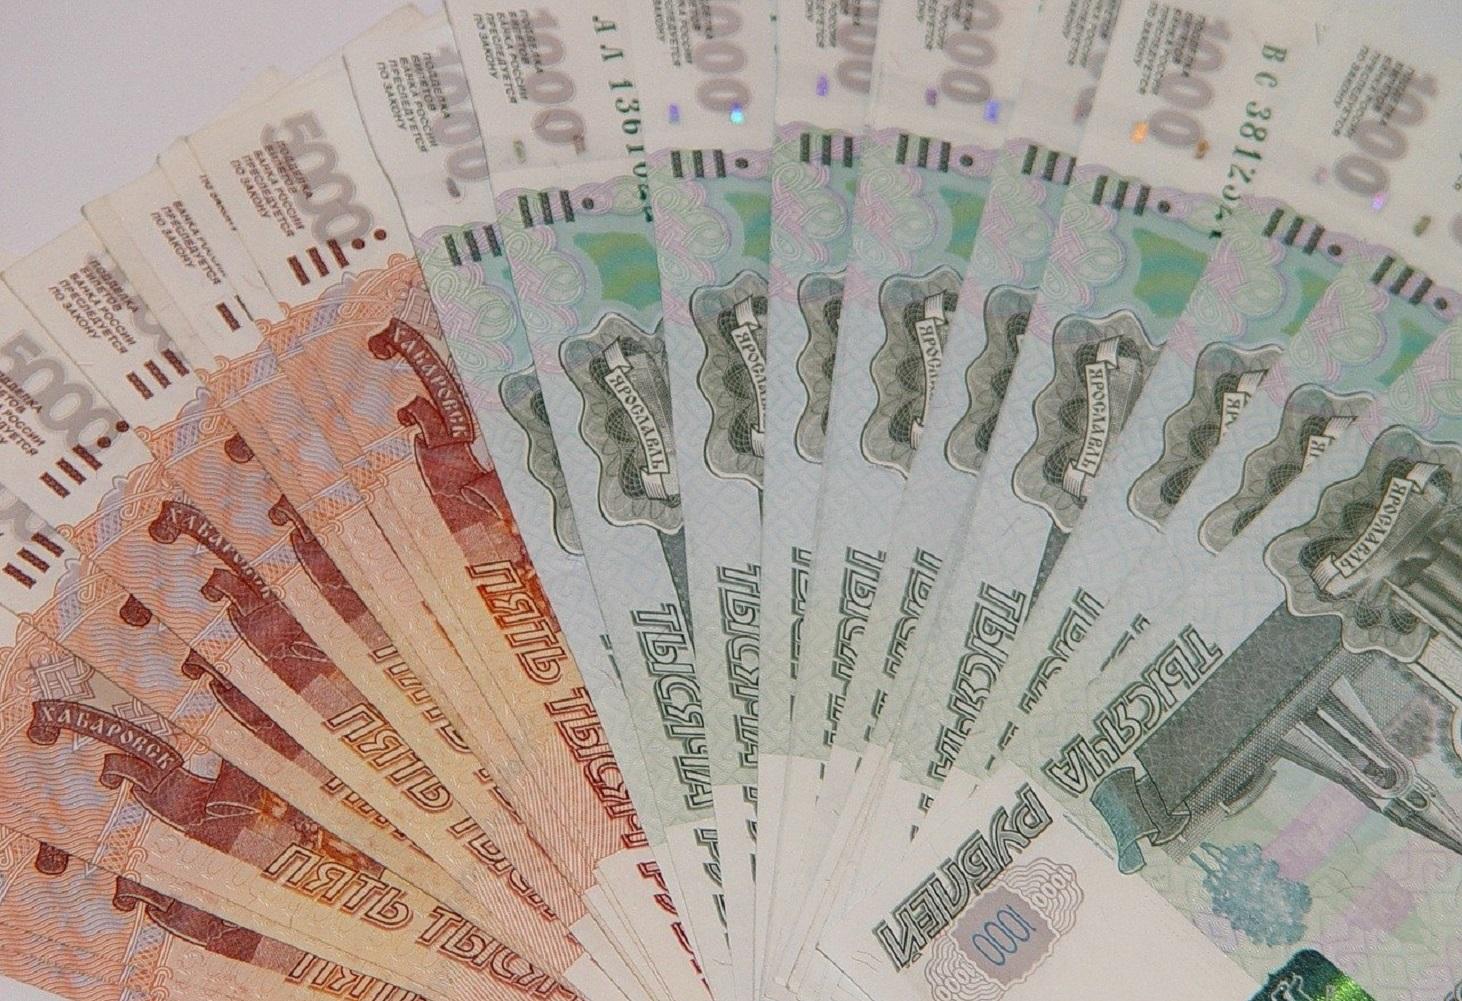 srednyaya-zarplata-moskovskih-uchitelej-prevysila-117-tysyach-rublej